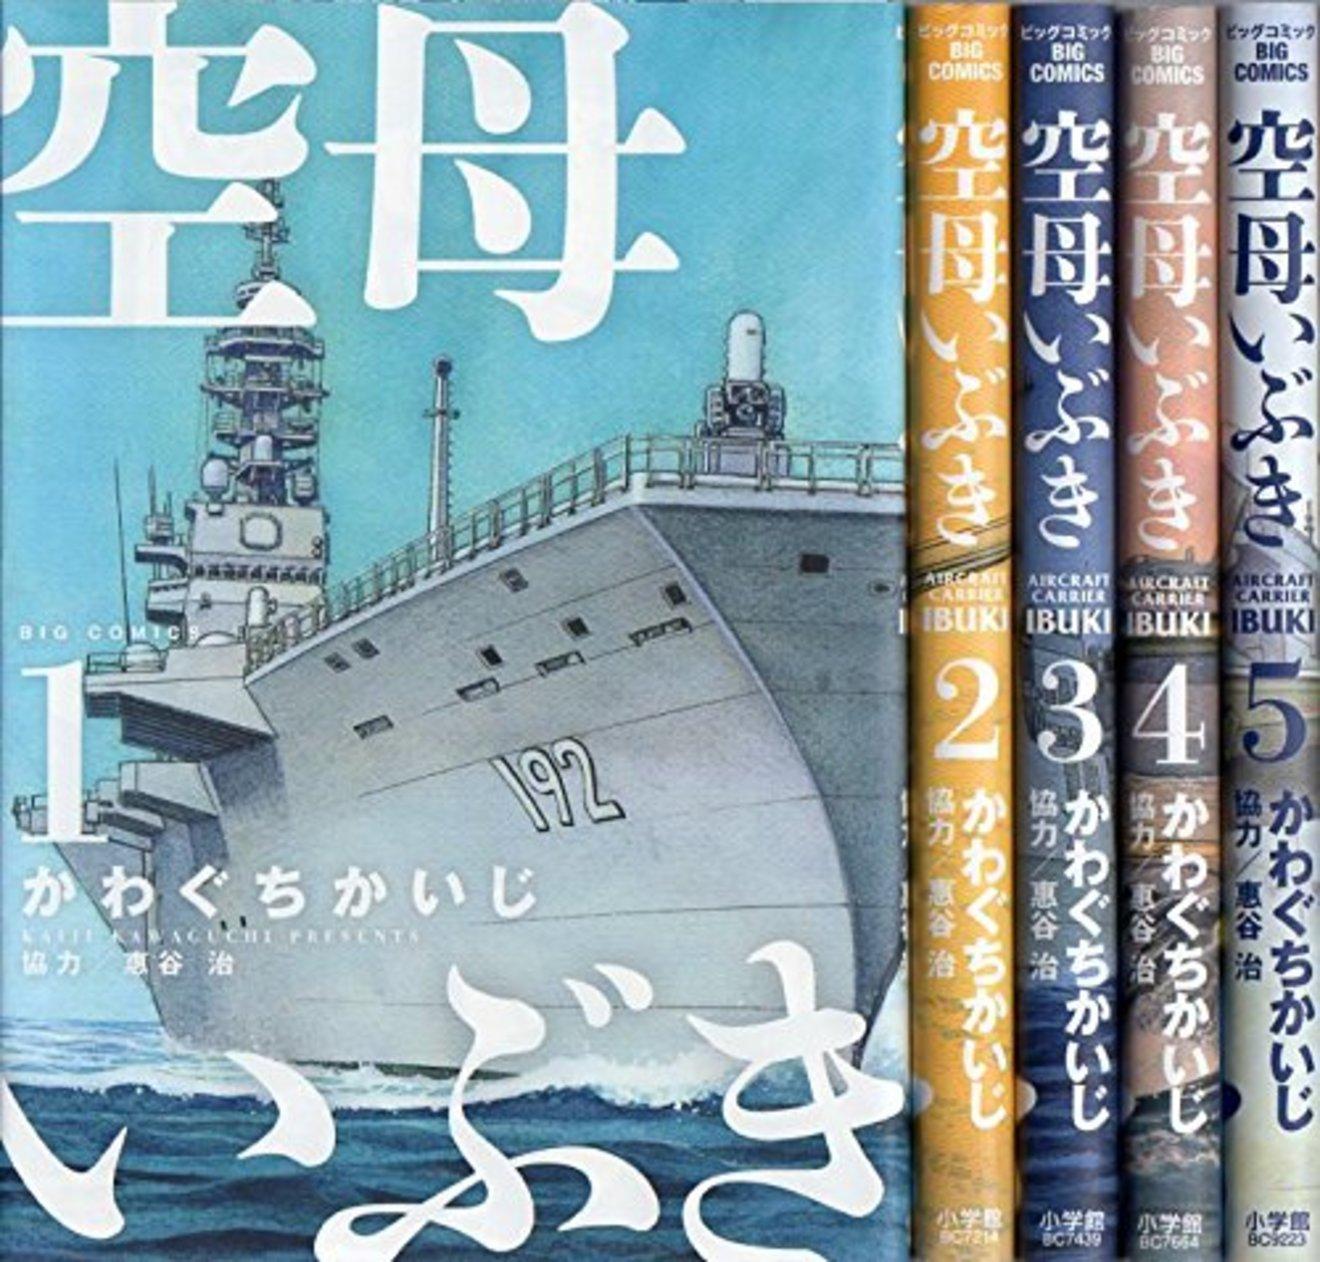 漫画『空母いぶき』の魅力を最新12巻まで全巻ネタバレ紹介!【映画化】